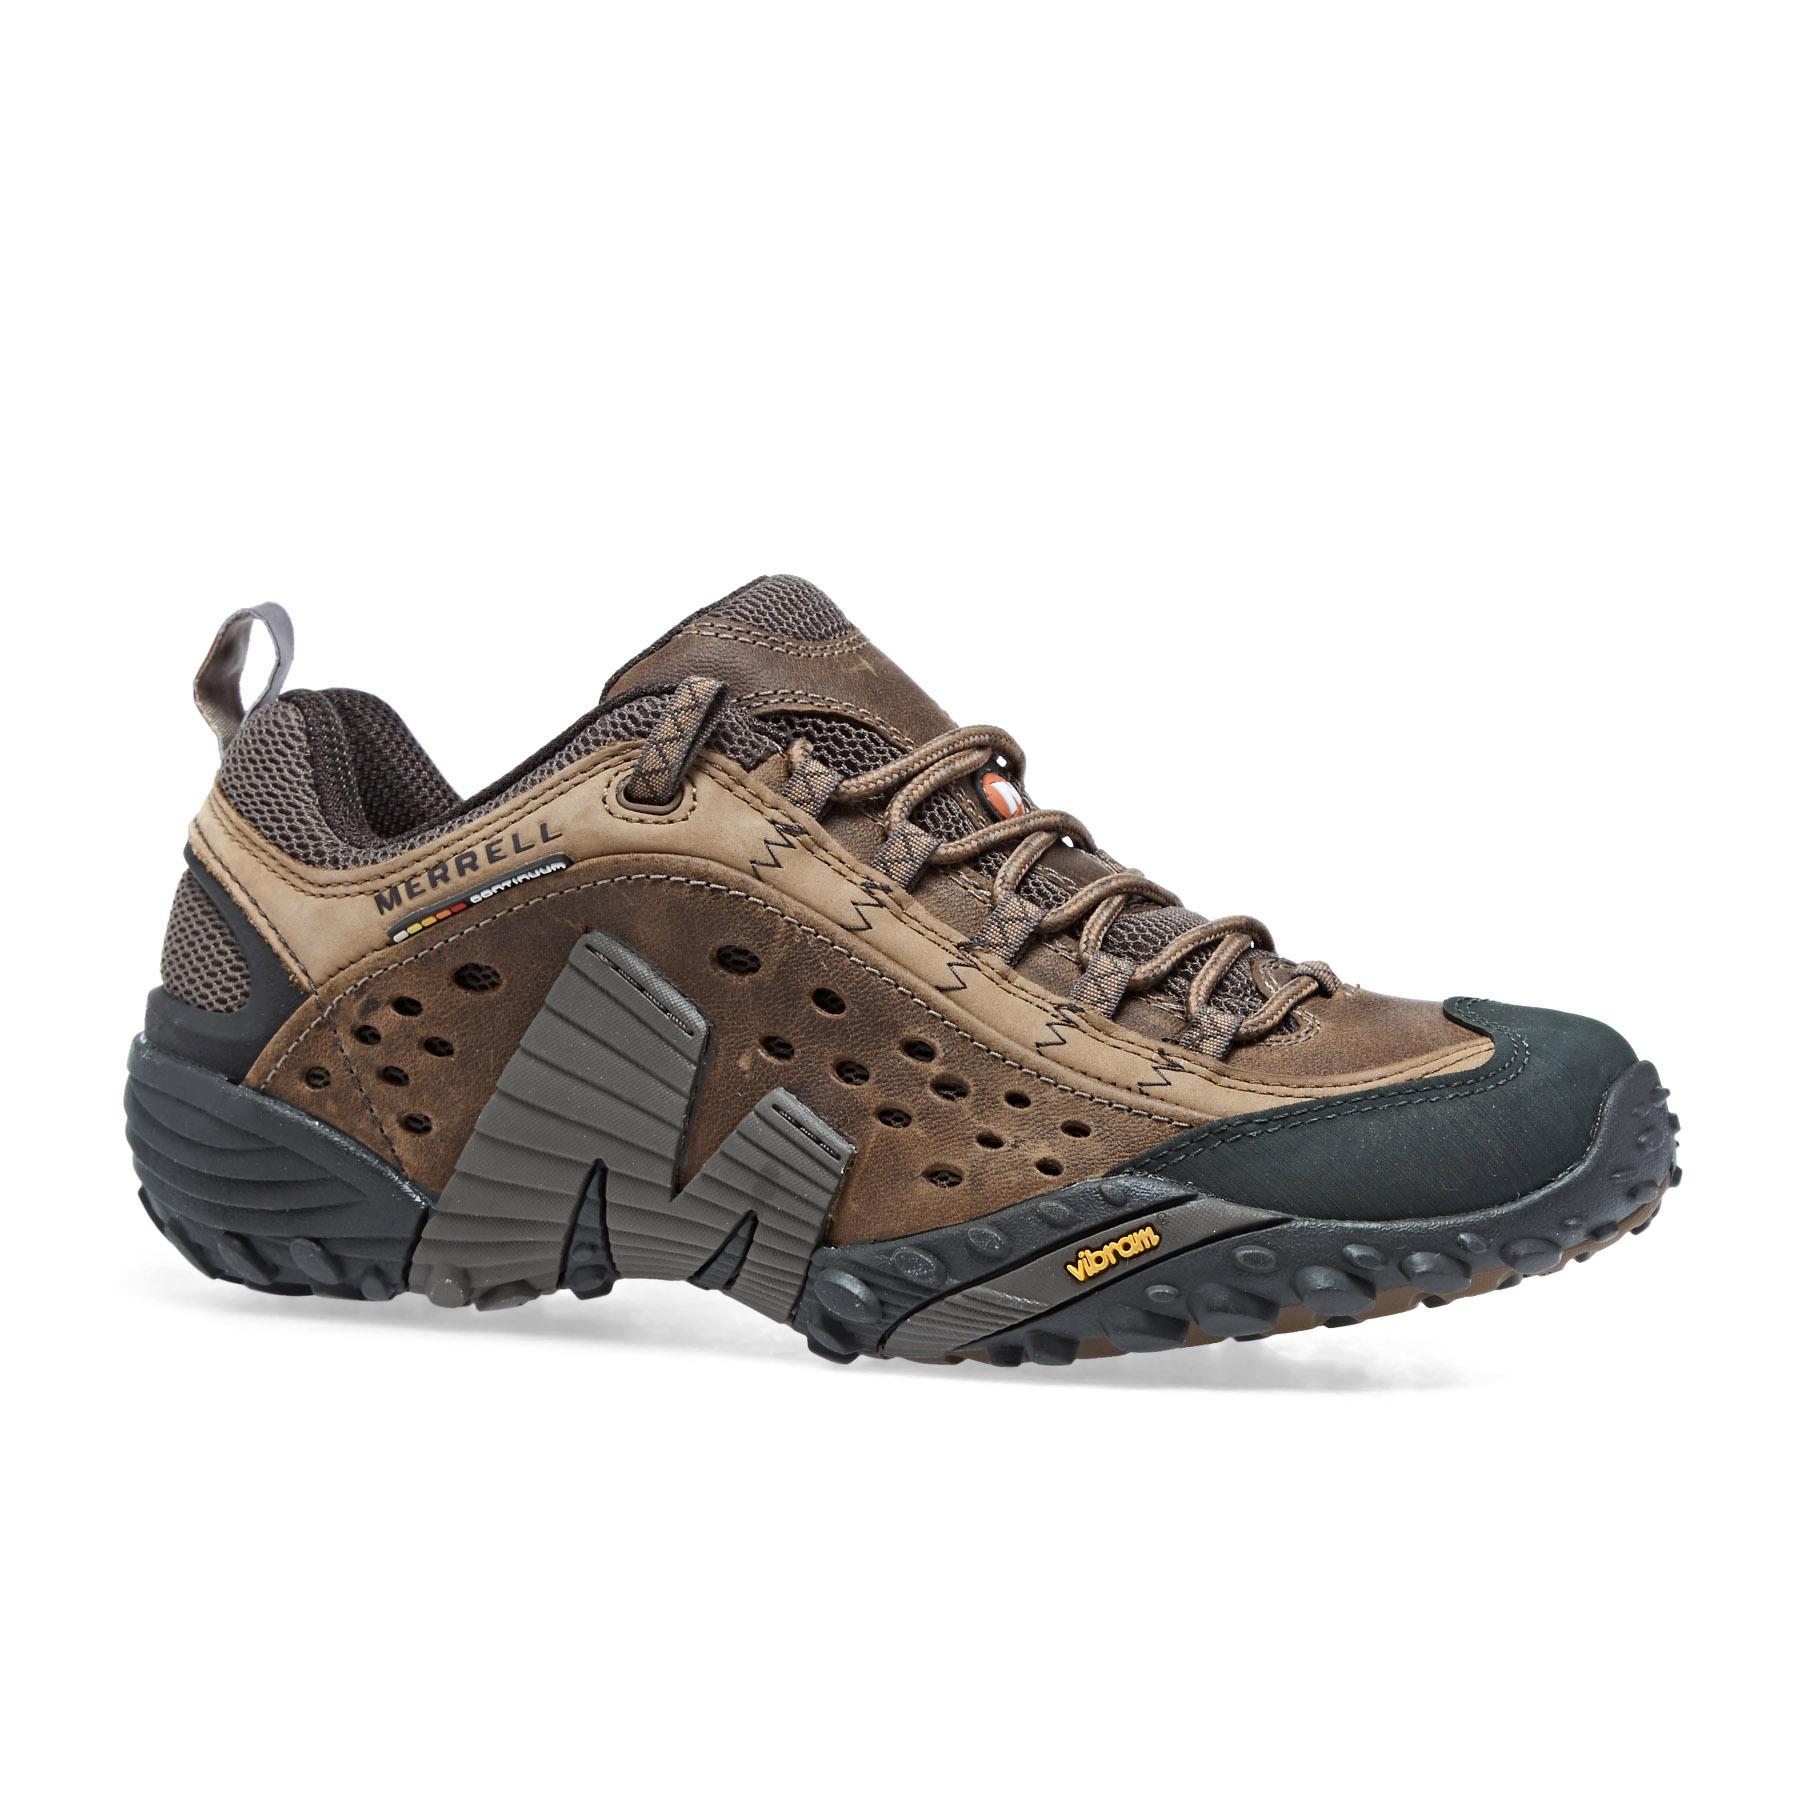 Chaussures de marche Merrell Intercept | Livraison gratuite